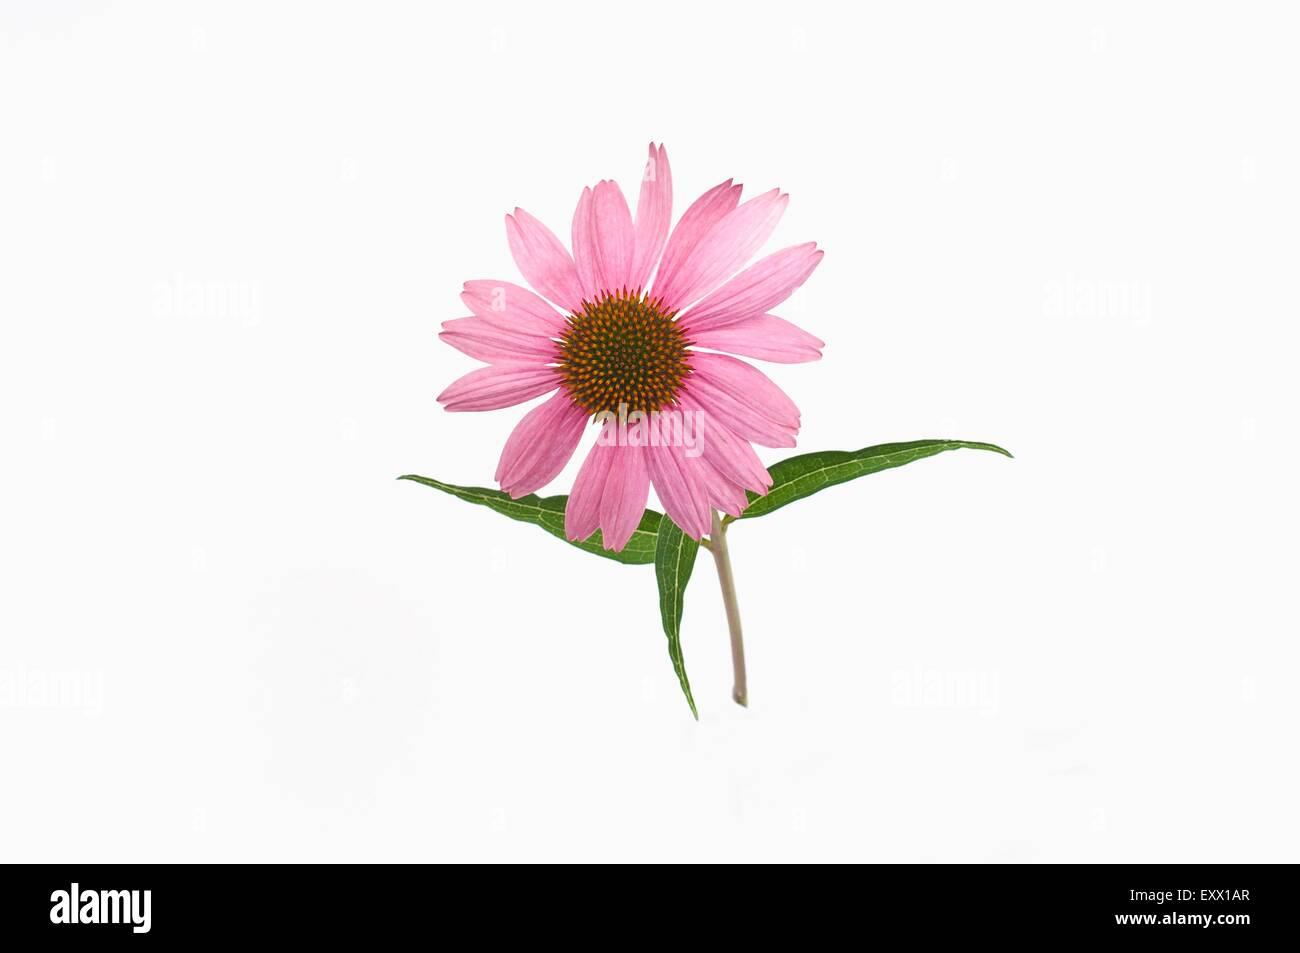 Coneflower - Stock Image